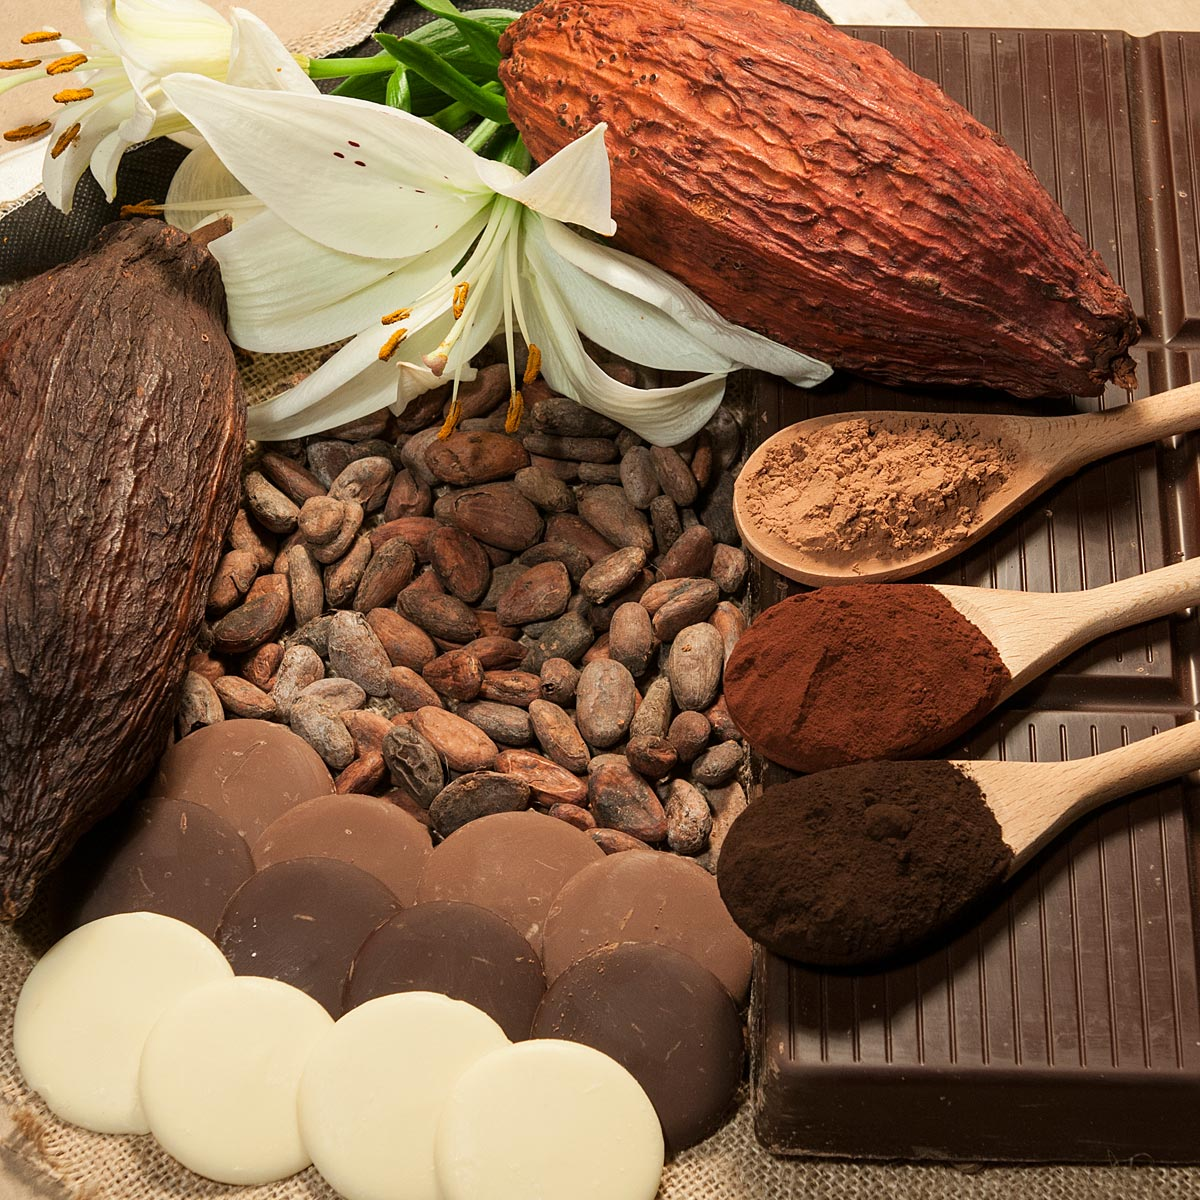 مراکز عرضه کننده پودر کاکائو کارگیل هلند (Cargill cocoa powder)